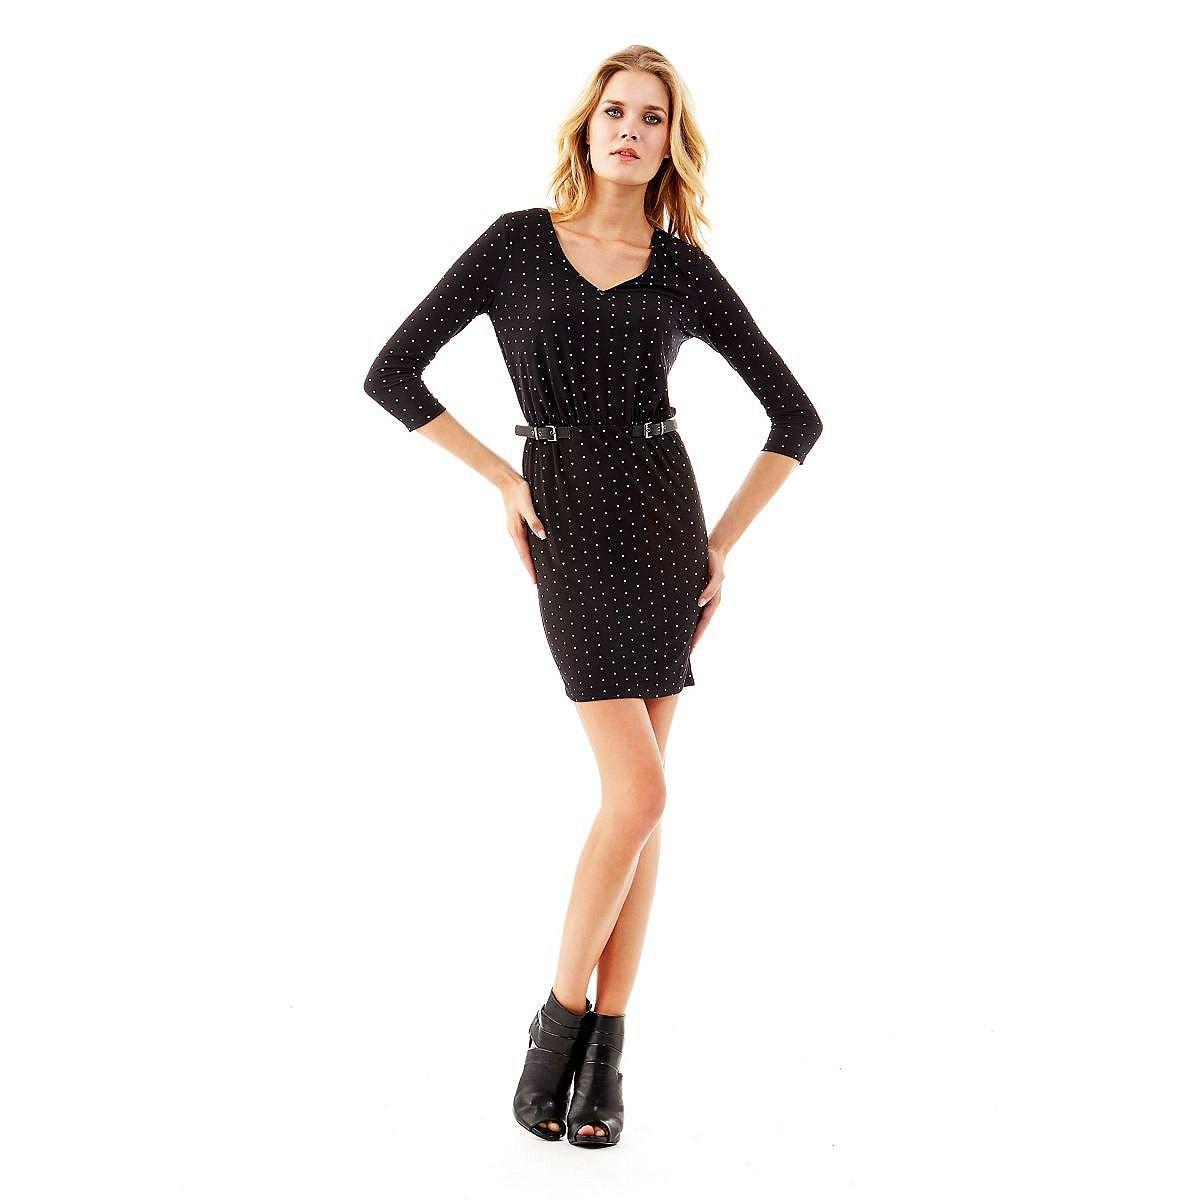 Kleid Stretch long sleeves    Der Stretcheinsatz in der Taille umschmeichelt und betont die Silhouette. Das Stretchkleid hat kleine Schnallen als moderne Verzierung: ein glamouröses Extra für einen schlichten Style.    95% Polyester 5% Elastan.  Handwäsche.  Abgebildet ist Größe S, Längen:  Gesamtlänge ca. 90 cm.  Schultern ca. 35 cm.  Fällt größengetreu aus.  In Multi-Schwarz mit Pünktchenprin...